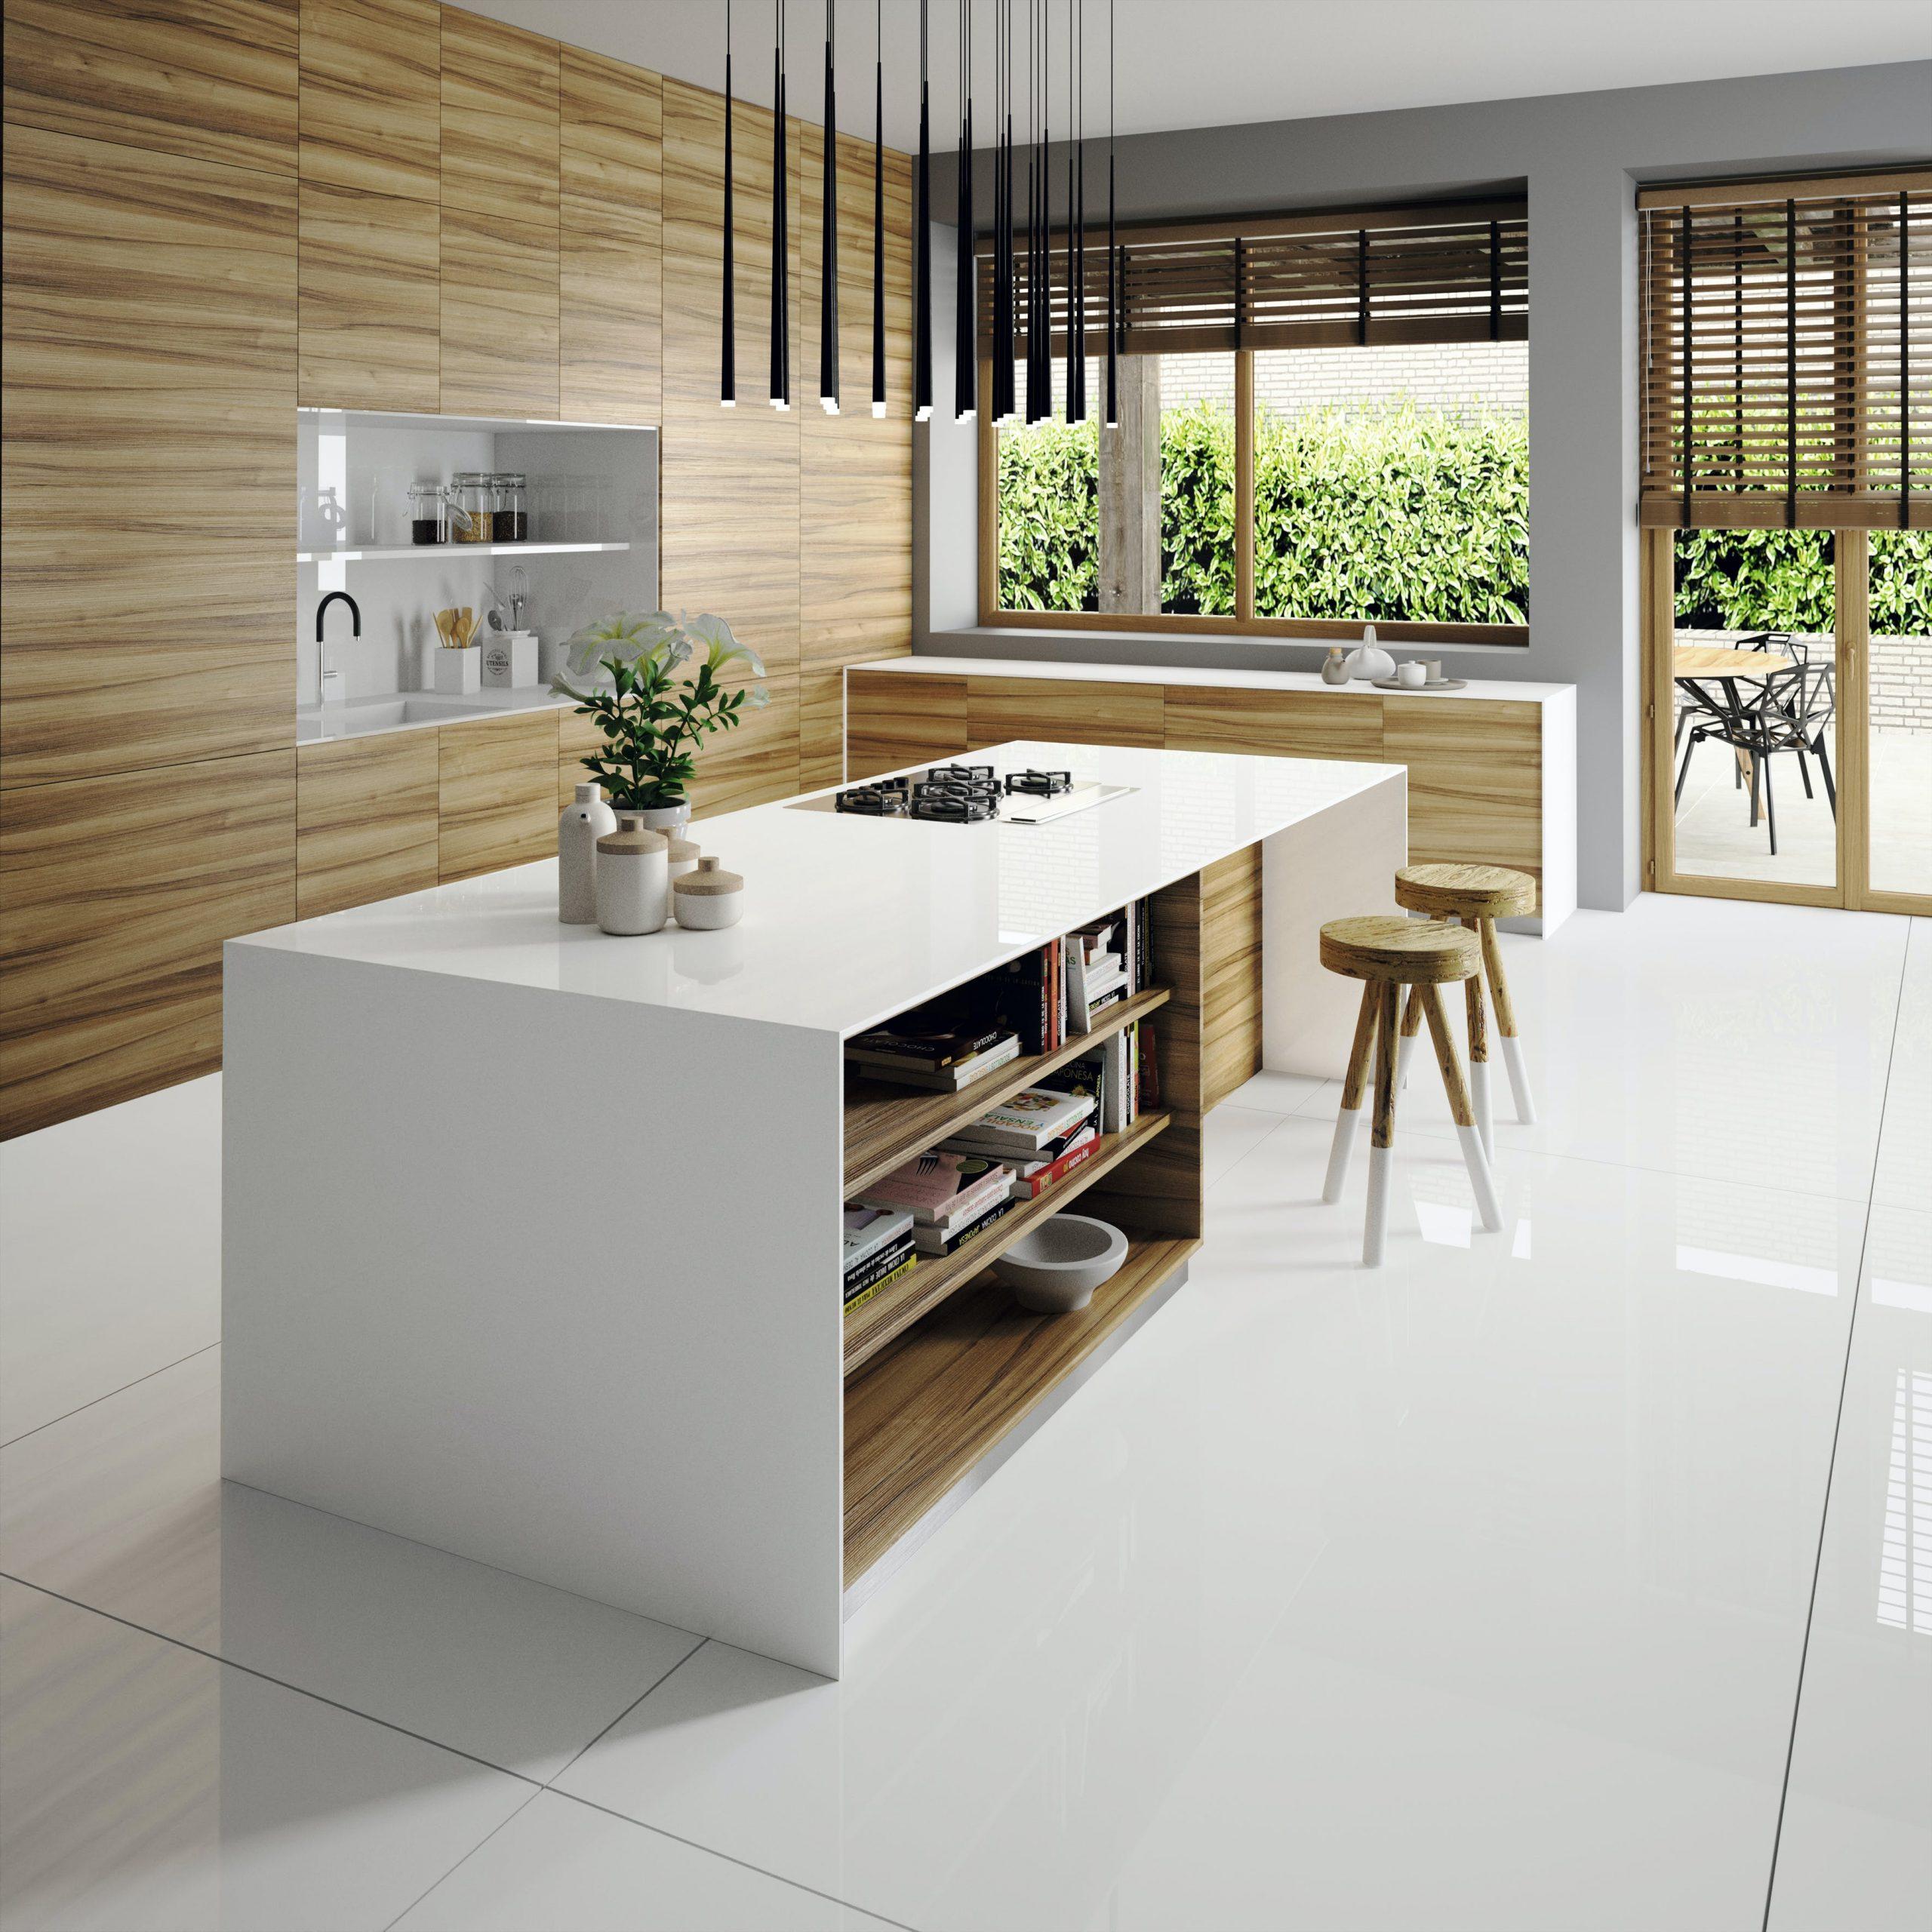 white quartz waterfall kitchen island